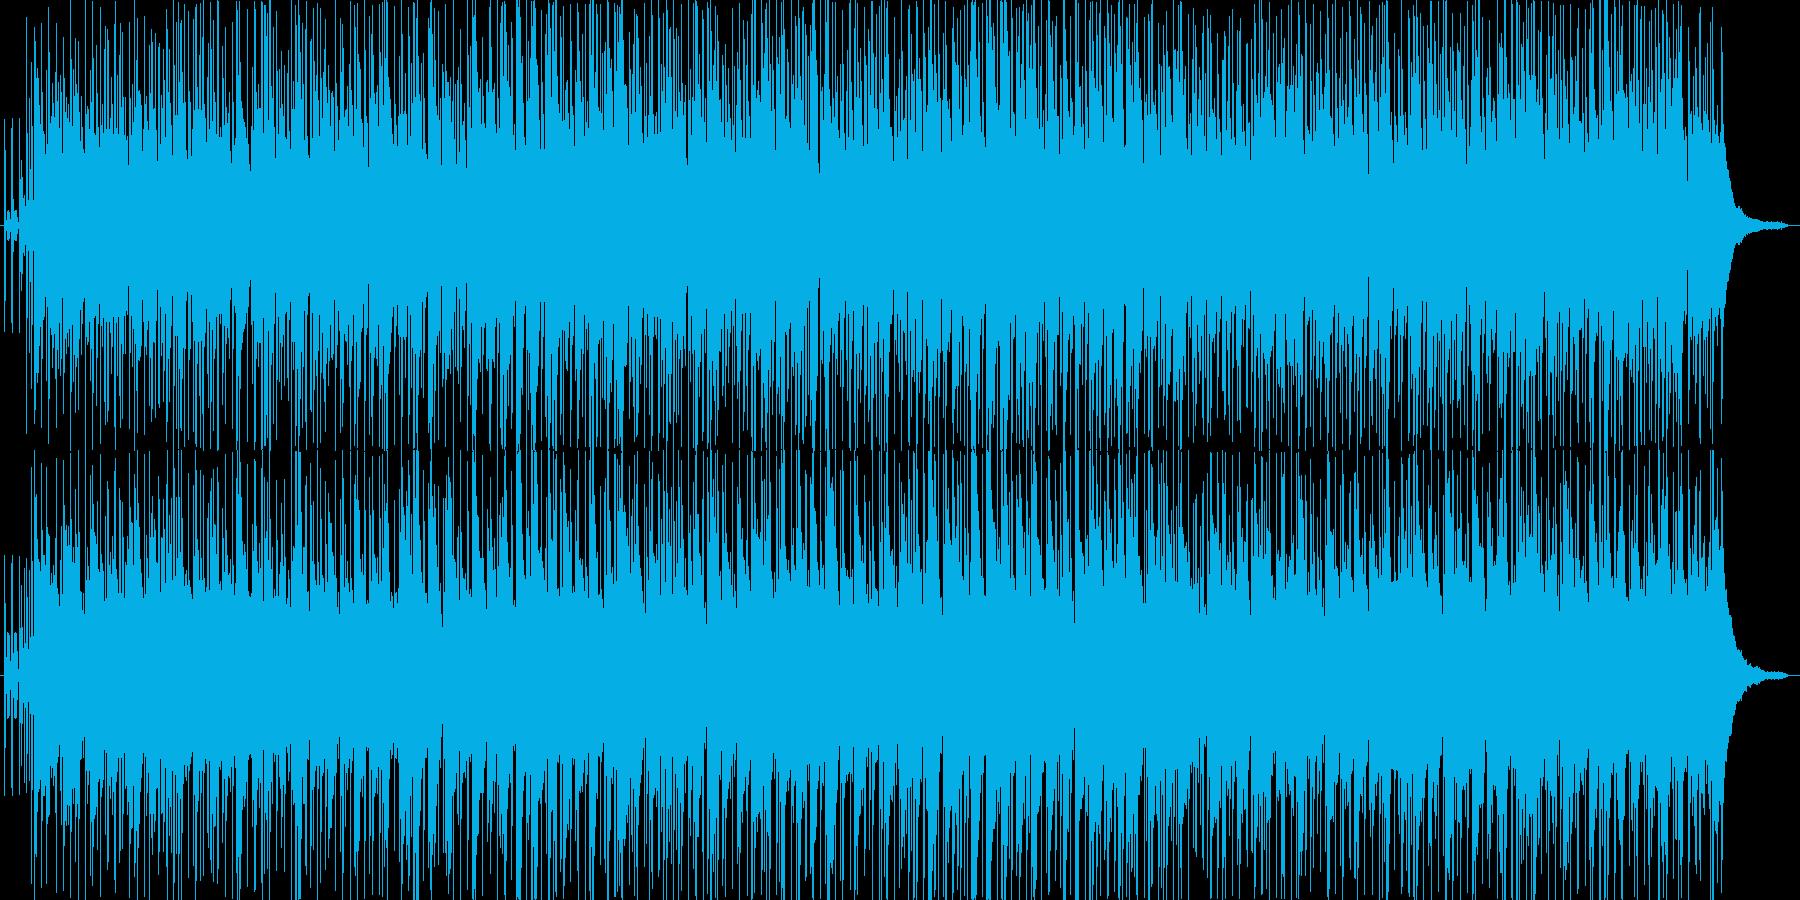 たそがれ時をイメージしたインストの再生済みの波形